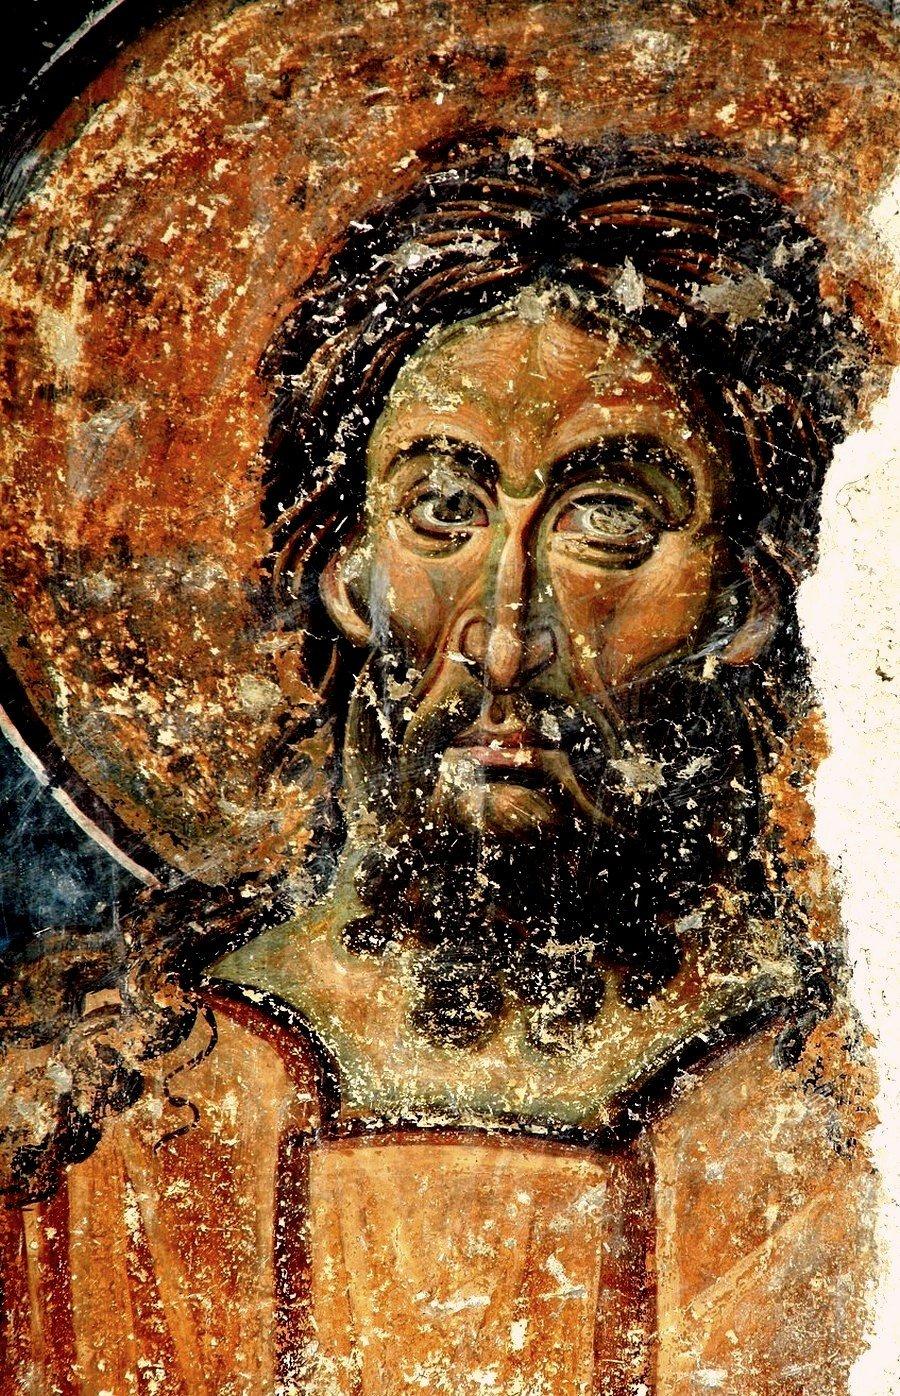 Святой Преподобный Алексий, человек Божий. Фреска церкви Вознесения Господня в монастыре Милешева (Милешево), Сербия. XIII век.